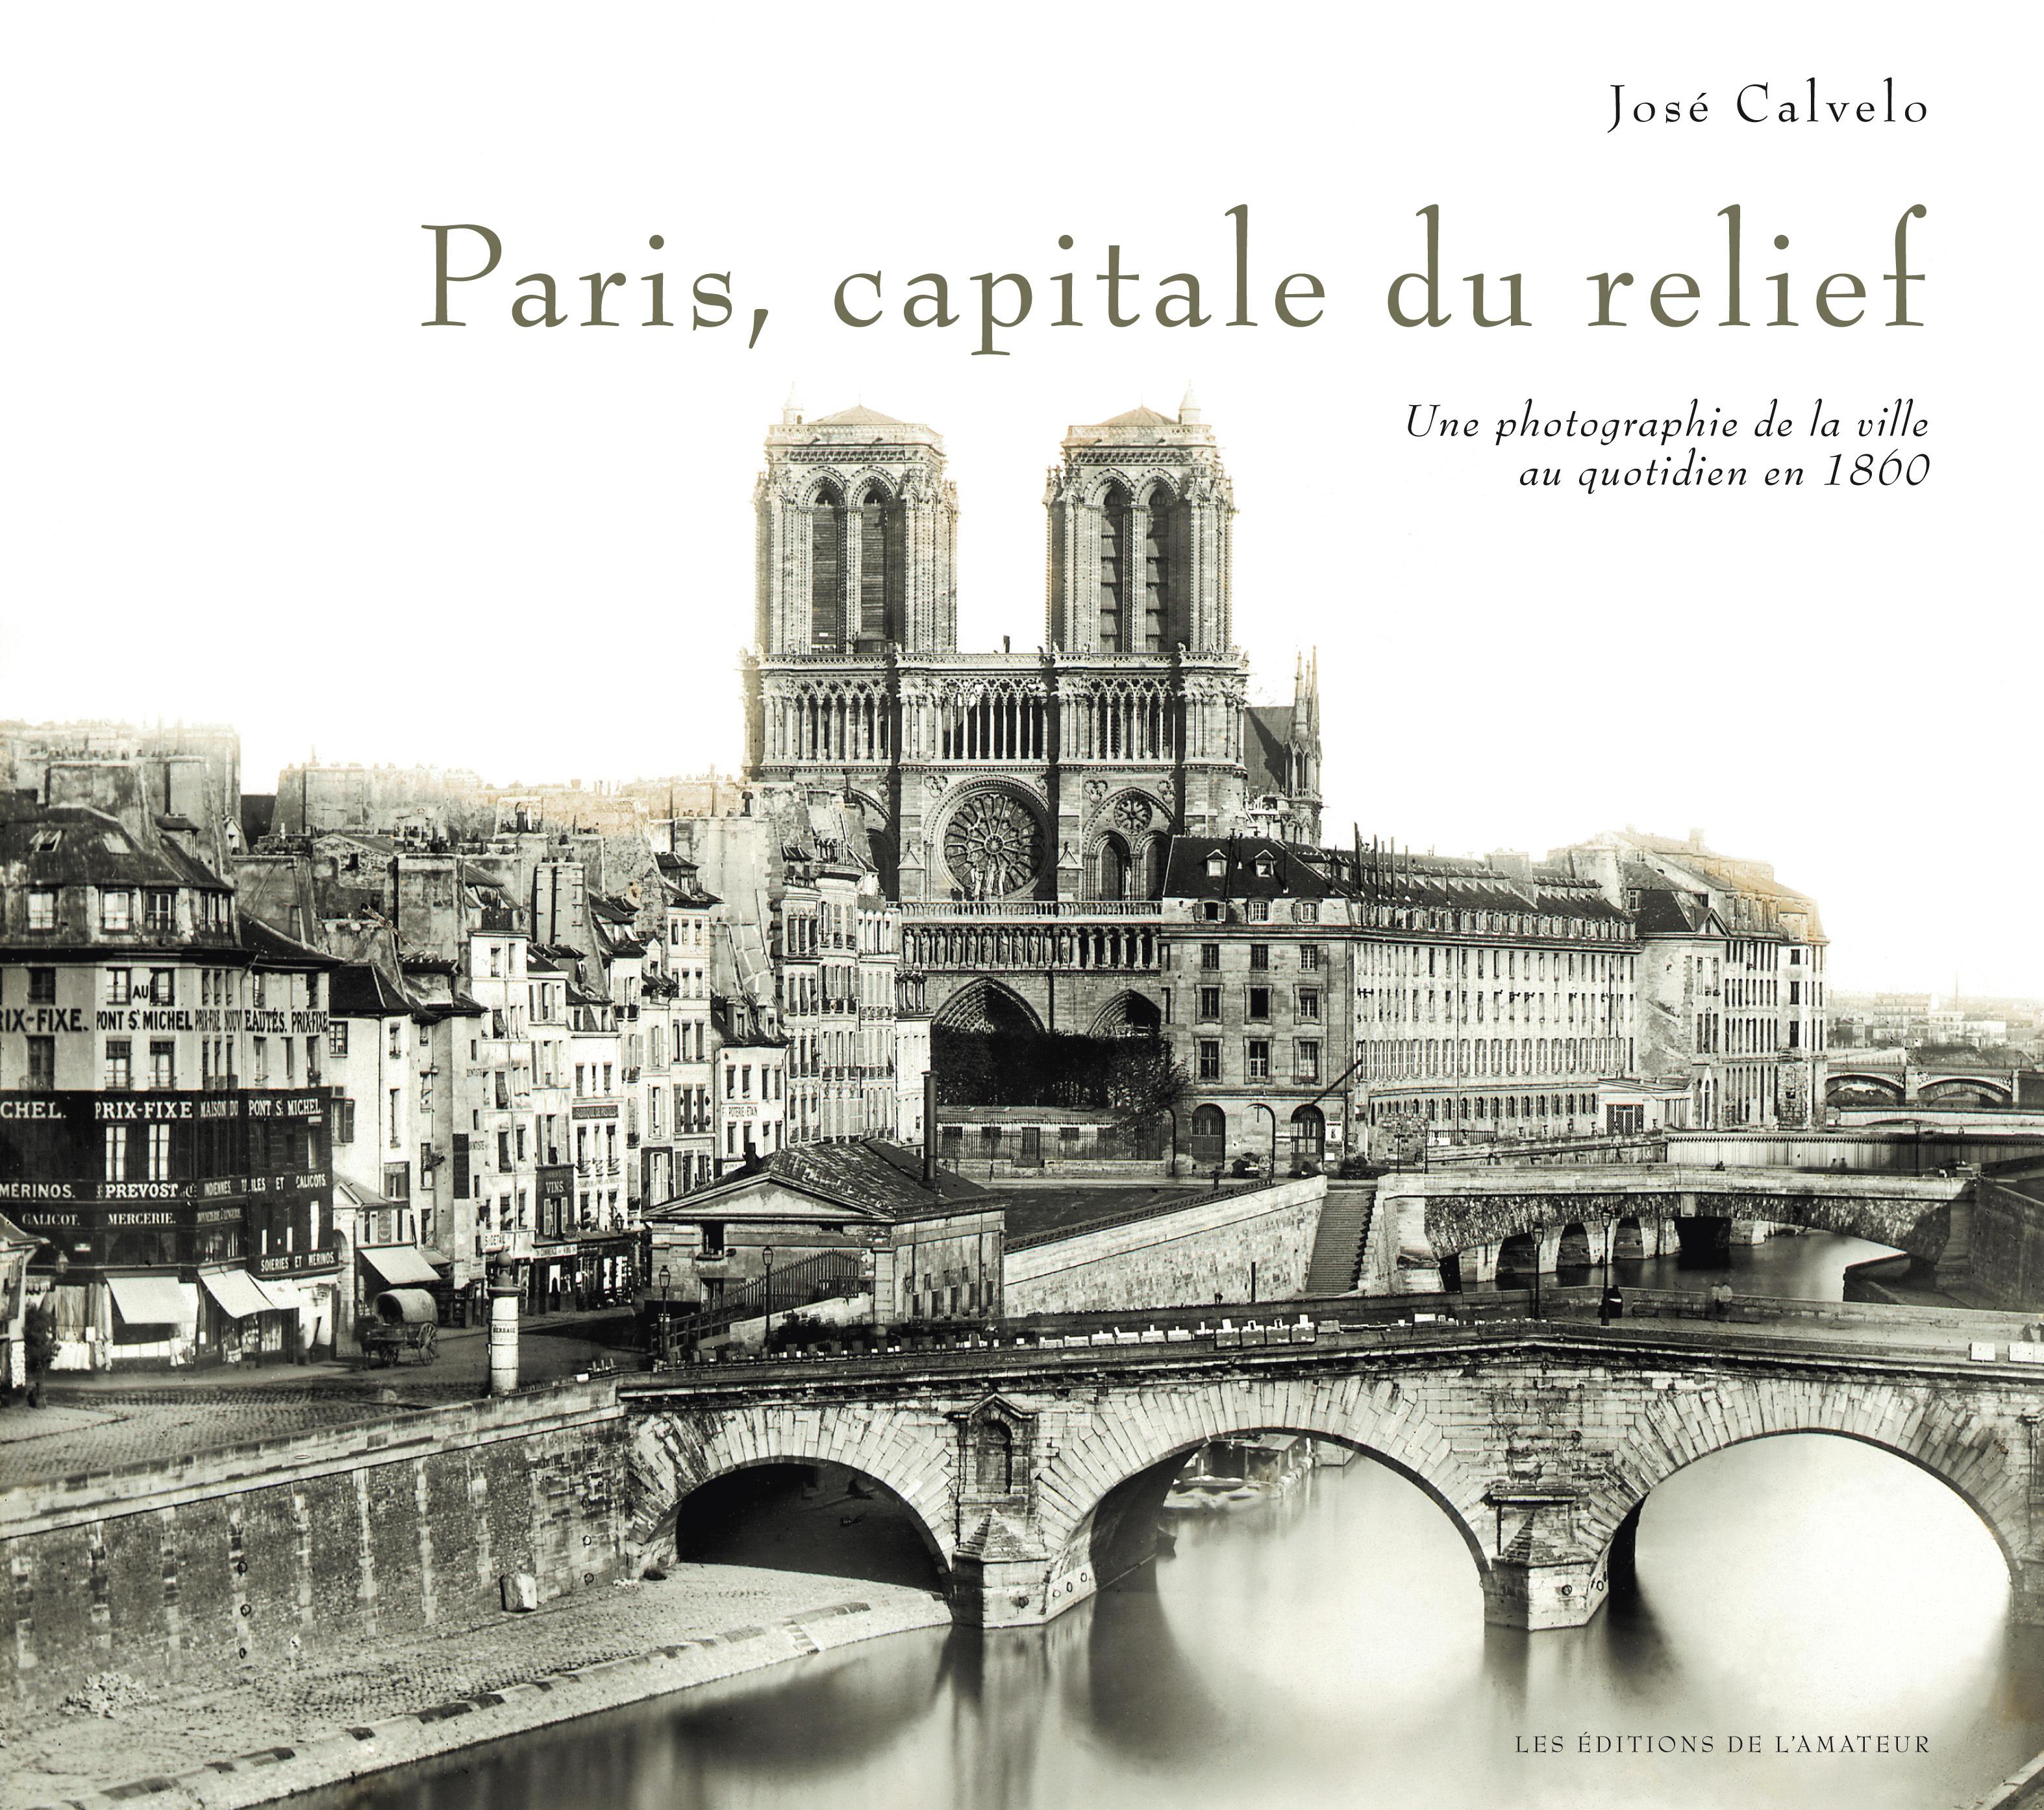 PARIS CAPITALE DU RELIEF